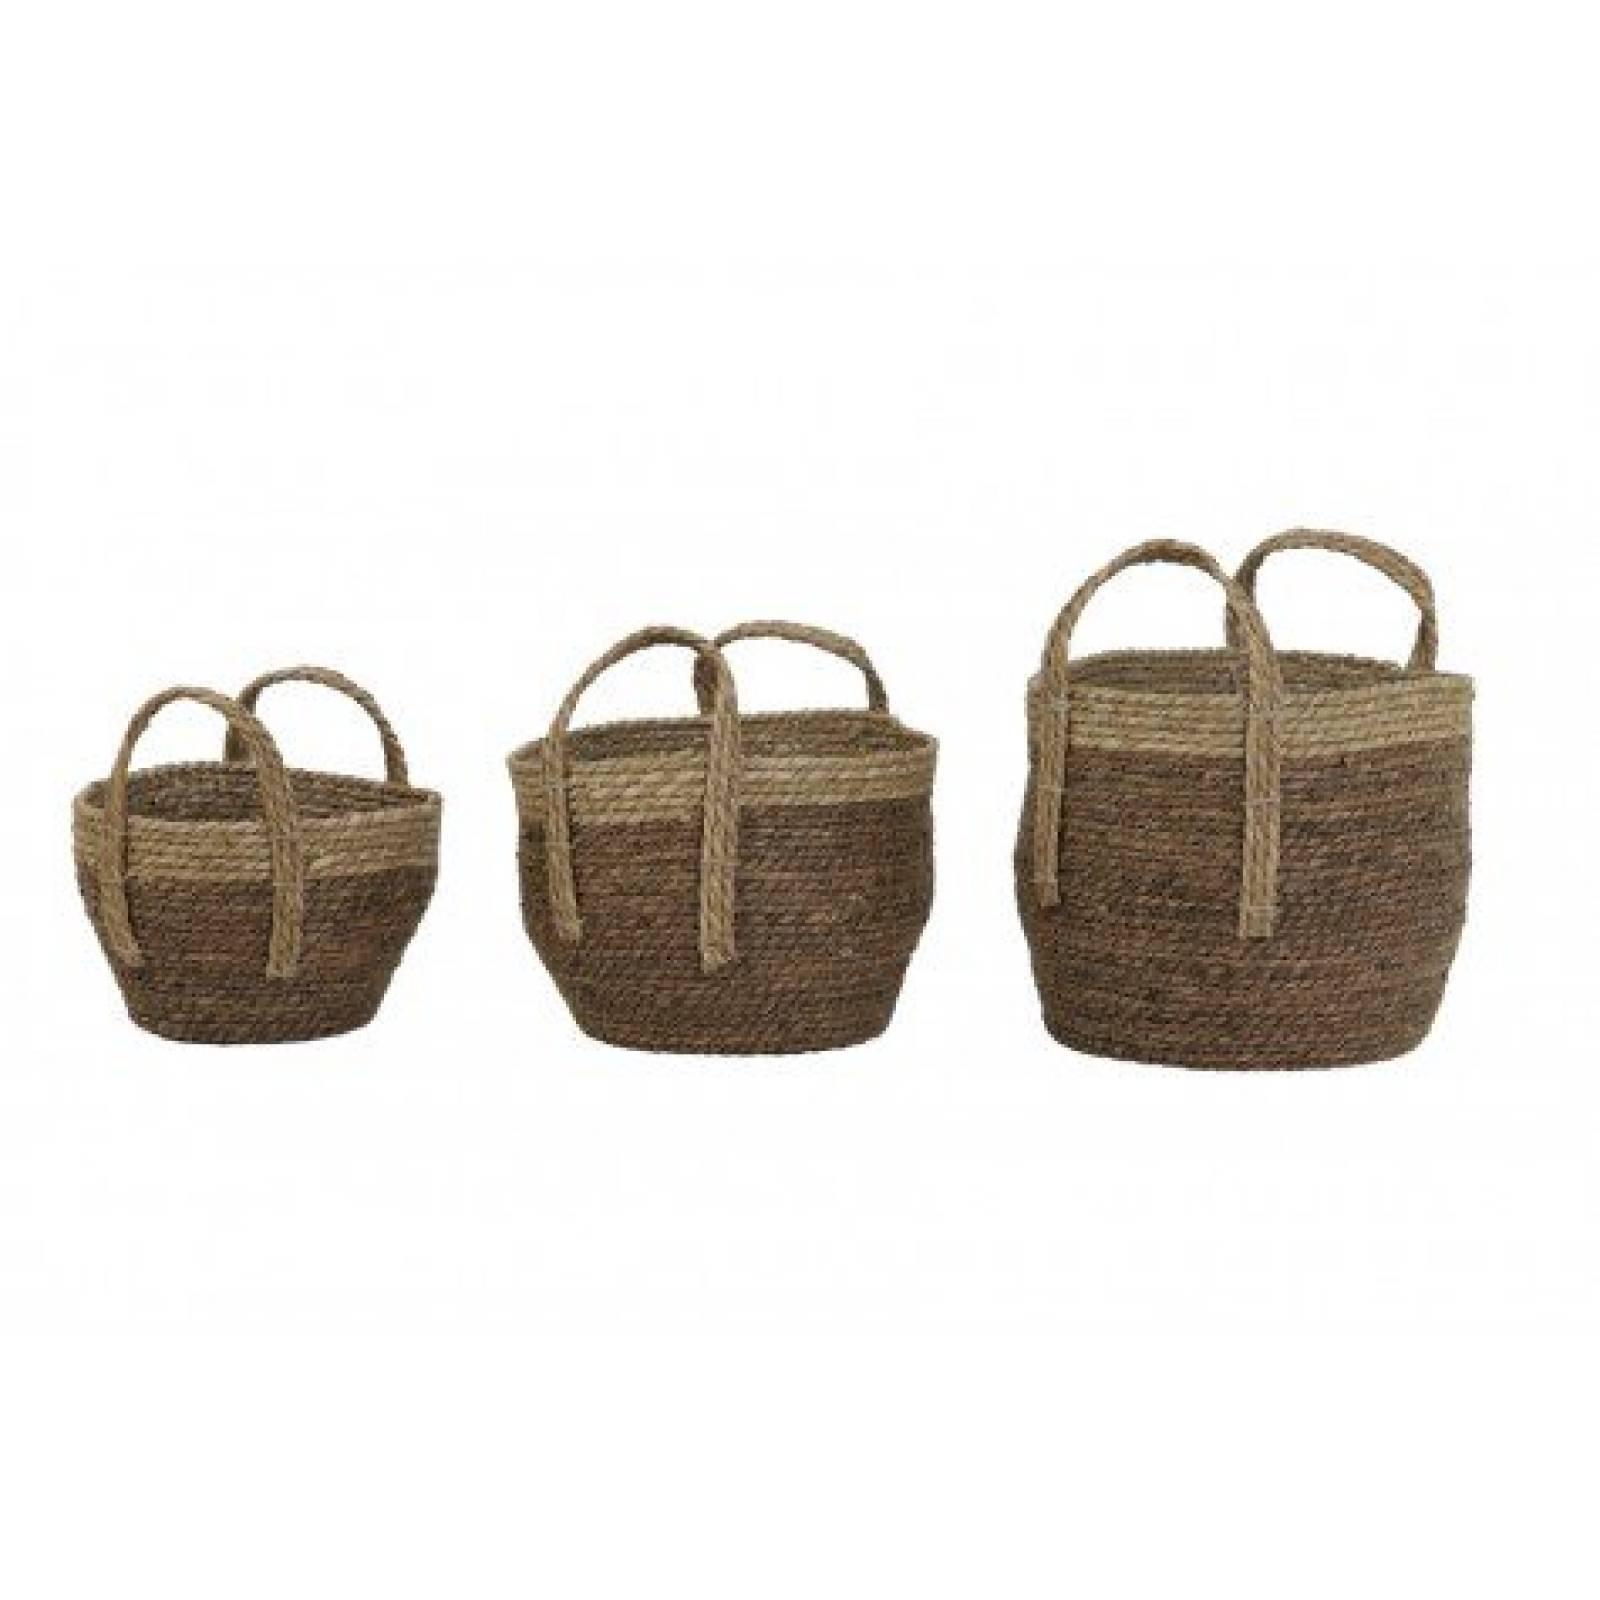 Nada Basket With Handles Medium thumbnails